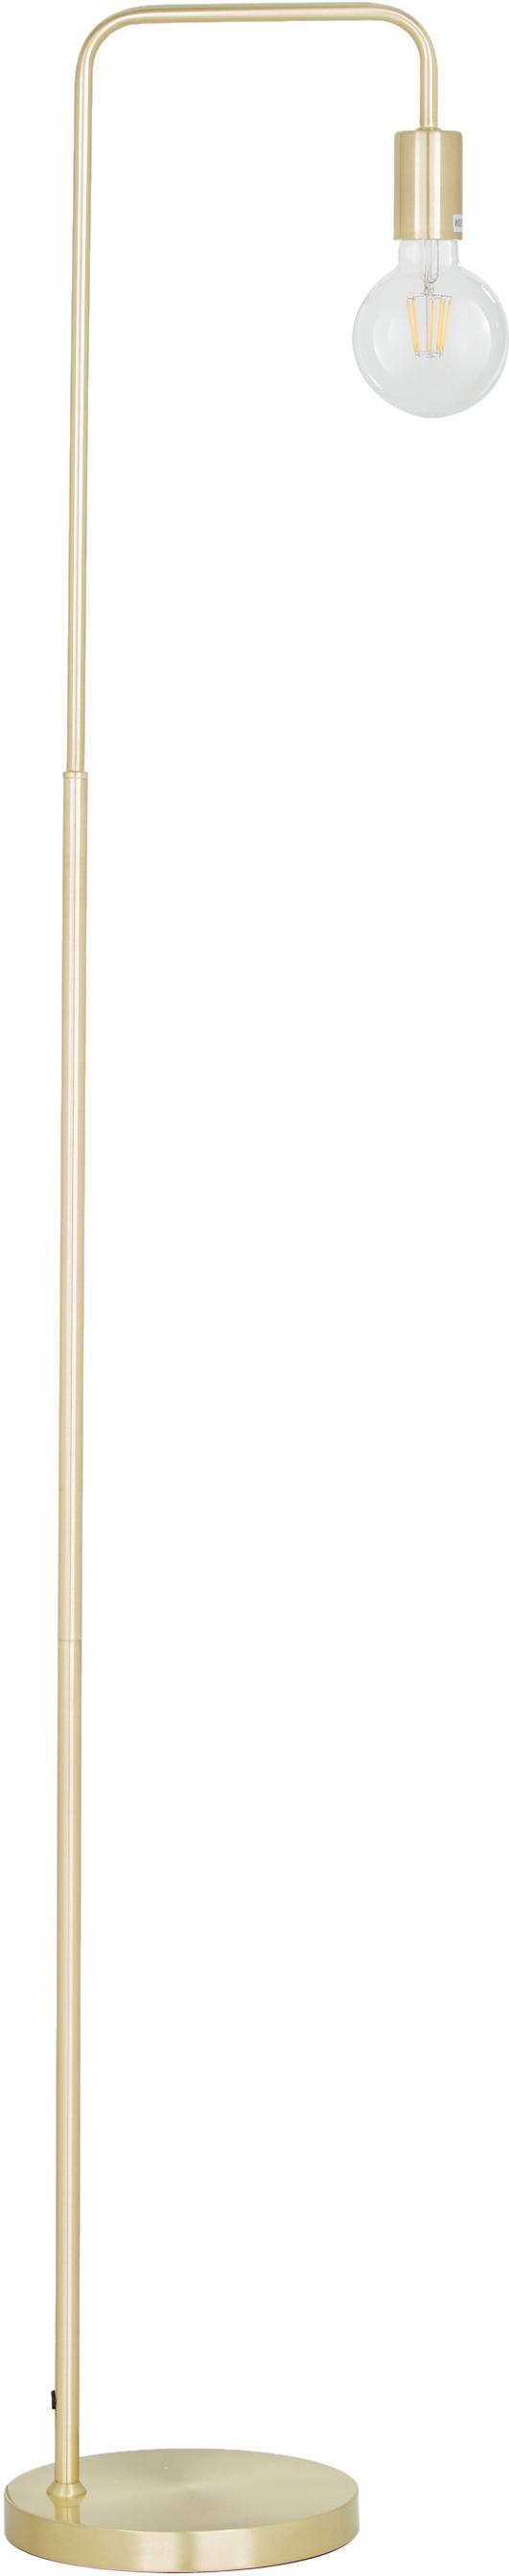 Lámpara de pie de metal Flow, Lámpara: metal, latón, Cable: cubierto en tela, Latón, cepillado, An 33 x Al 153 cm